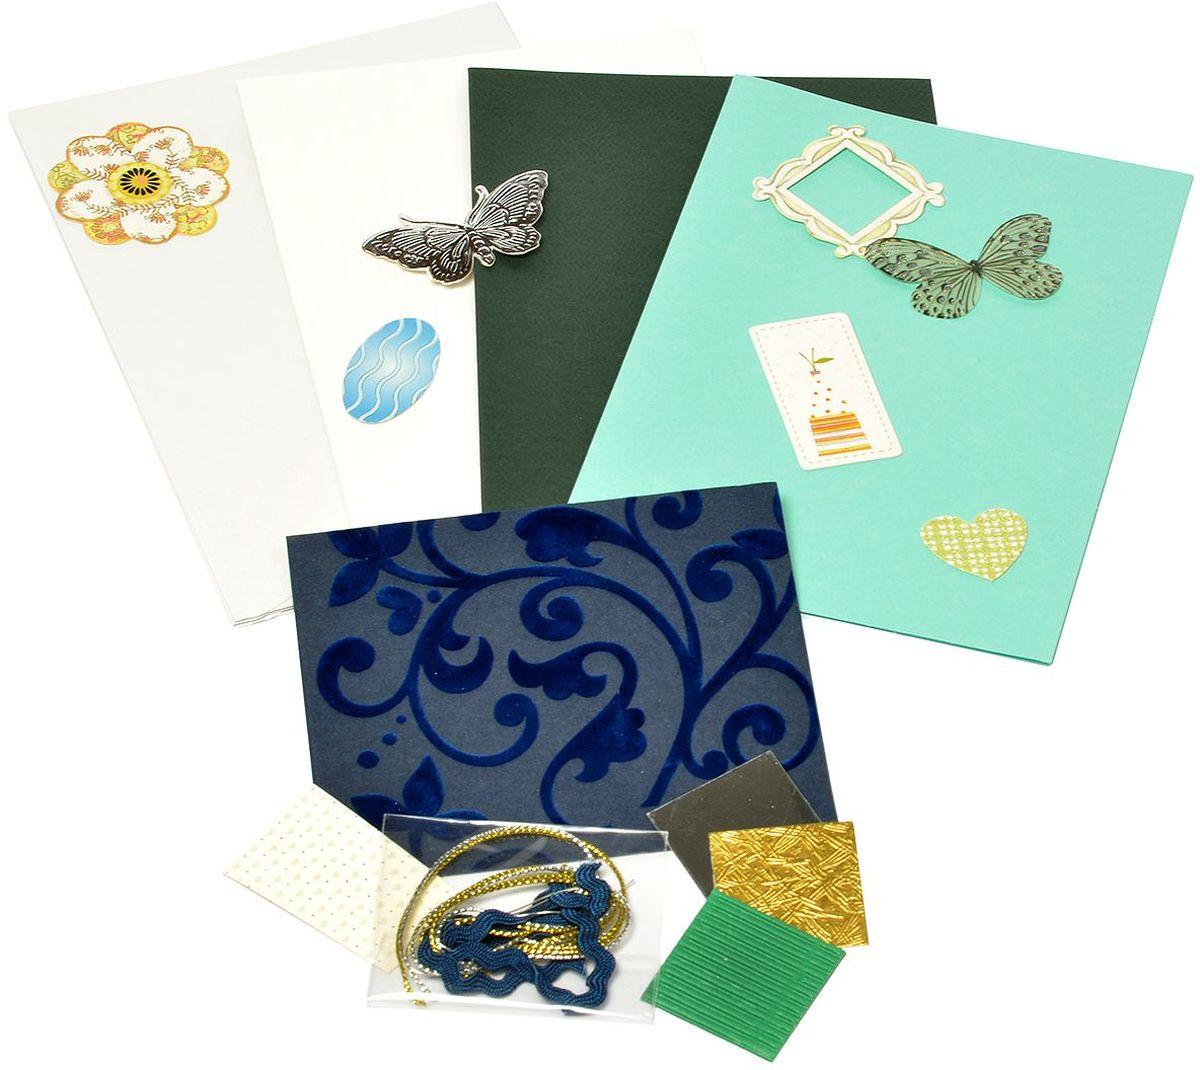 Набор для создания открыток Magic 4 Hobby, 11,5 x 17 см. MG.DIY-3.11 набор для создания открыток magic 4 hobby 11 5 x 17 см 11 5 x 21 см mg diy 6b 2